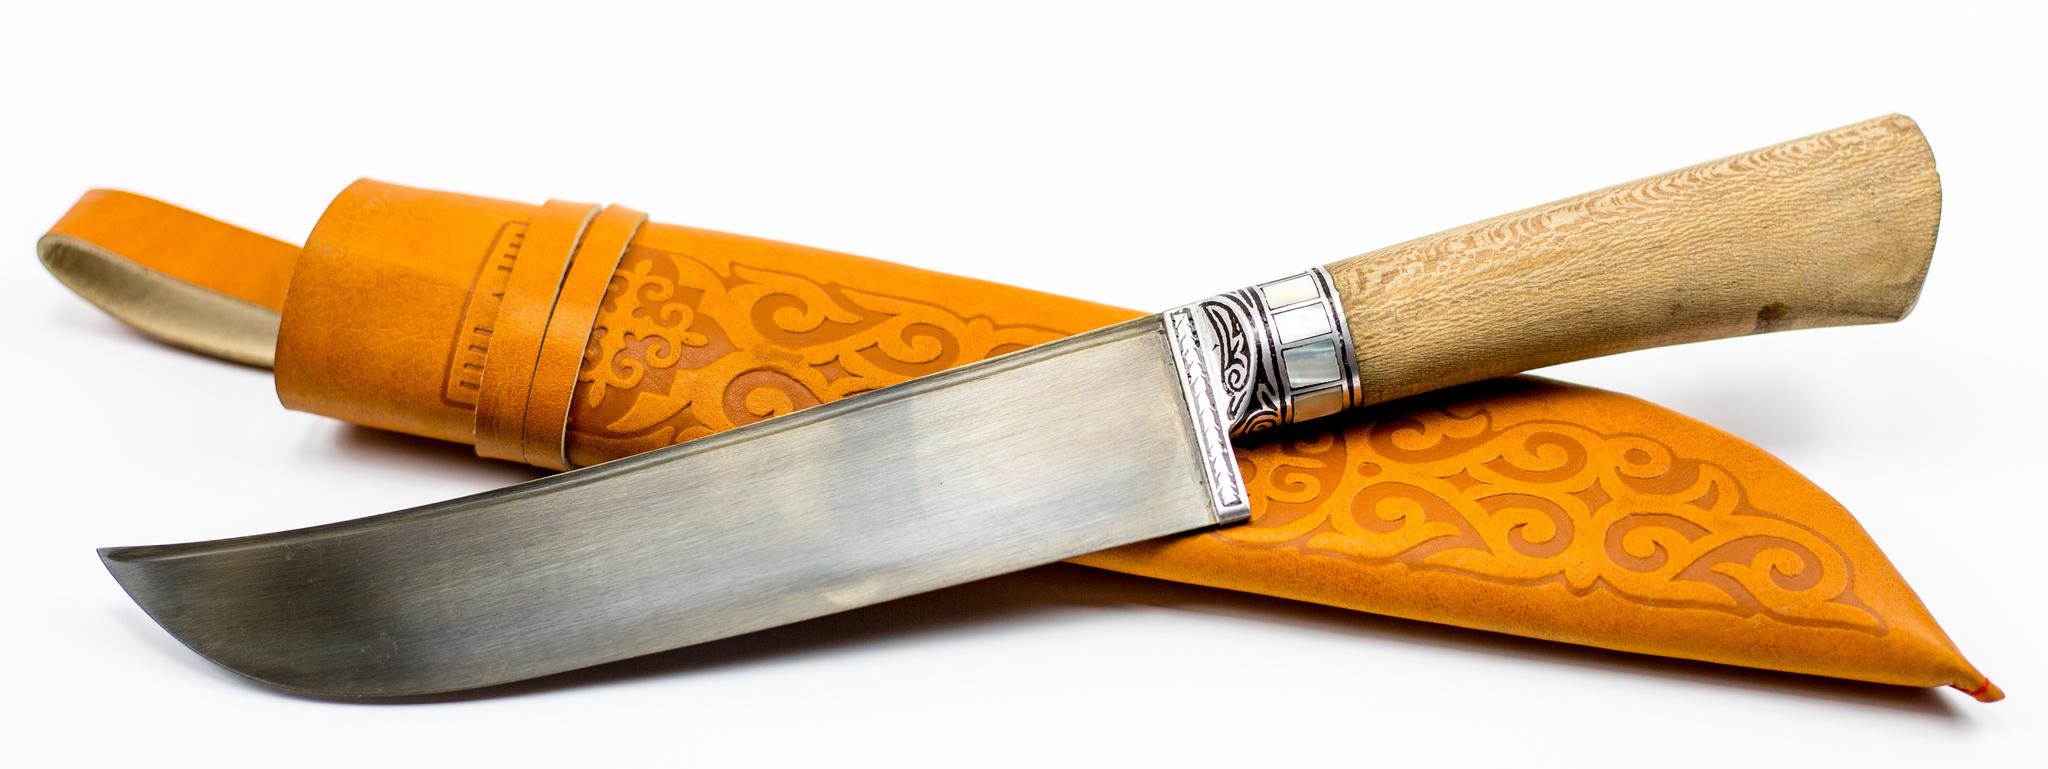 Пчак Чинар сухма с садафомУзбекские ножи Пчак<br>Узбекский универсальный нож Пчак.<br>